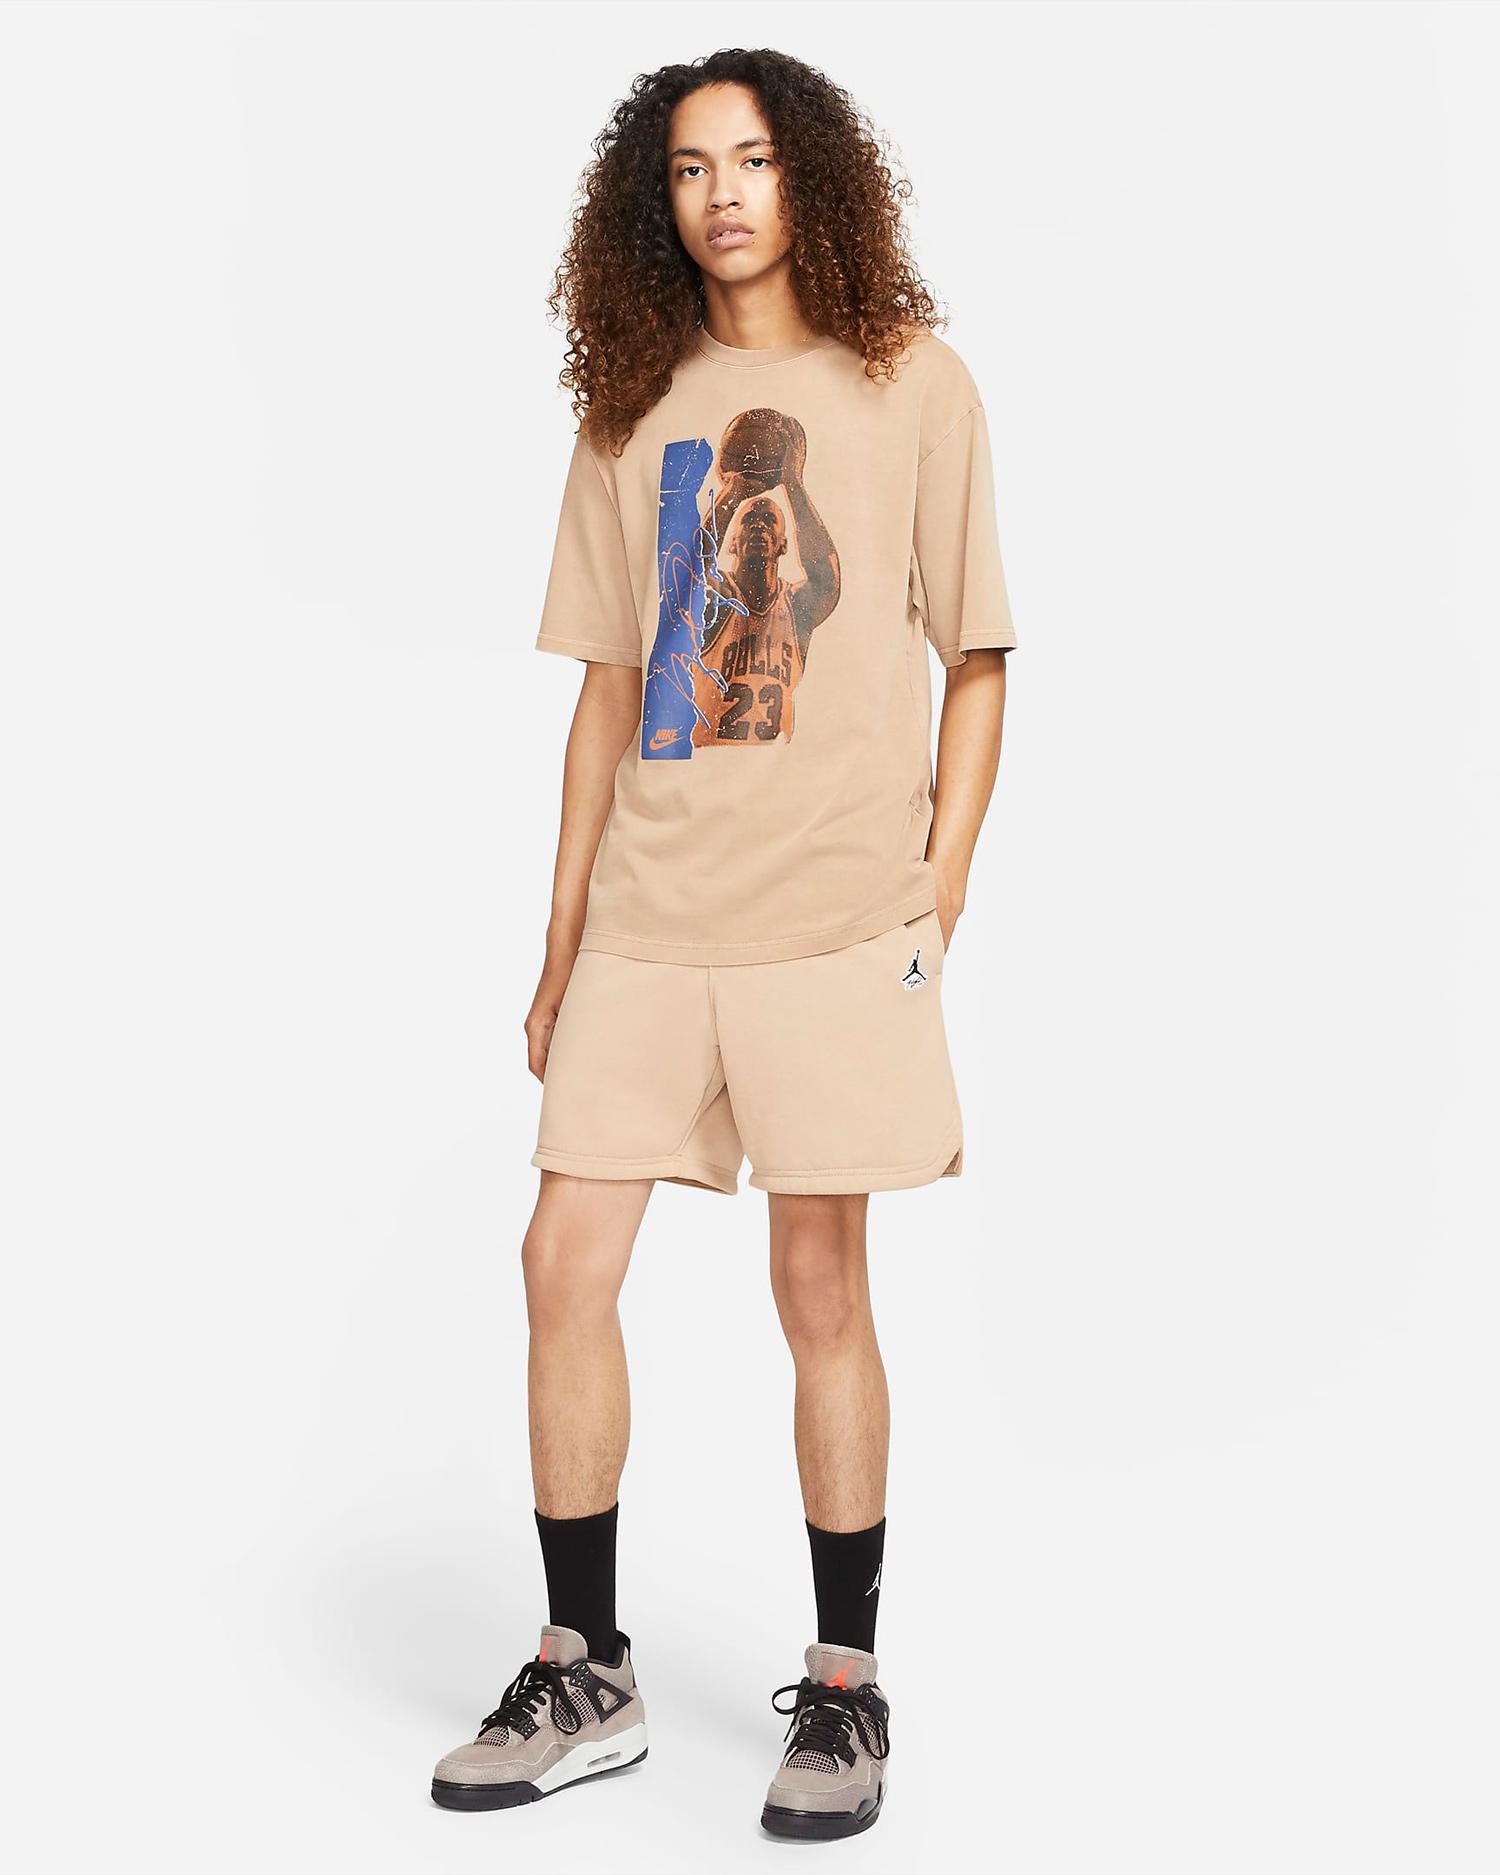 jordan-hemp-shirt-shorts-outfit